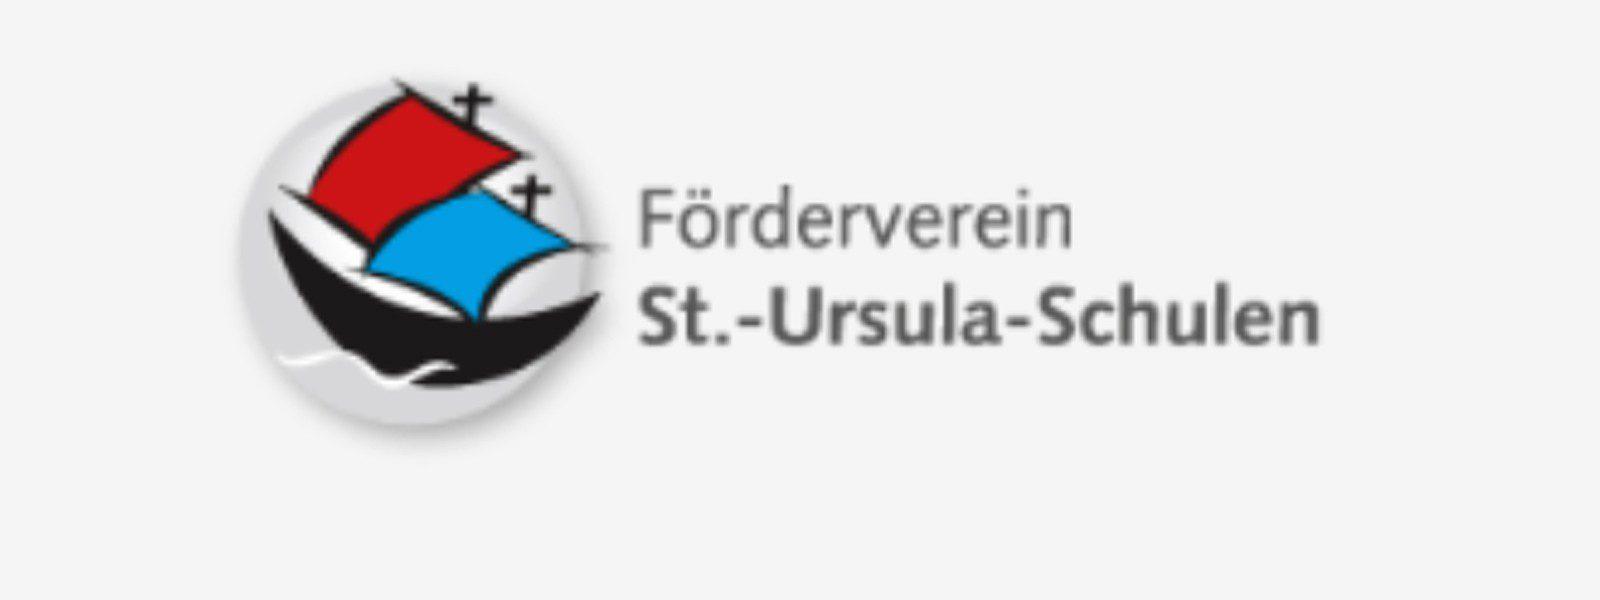 Förderverein lädt zur Jahreshauptversammlung